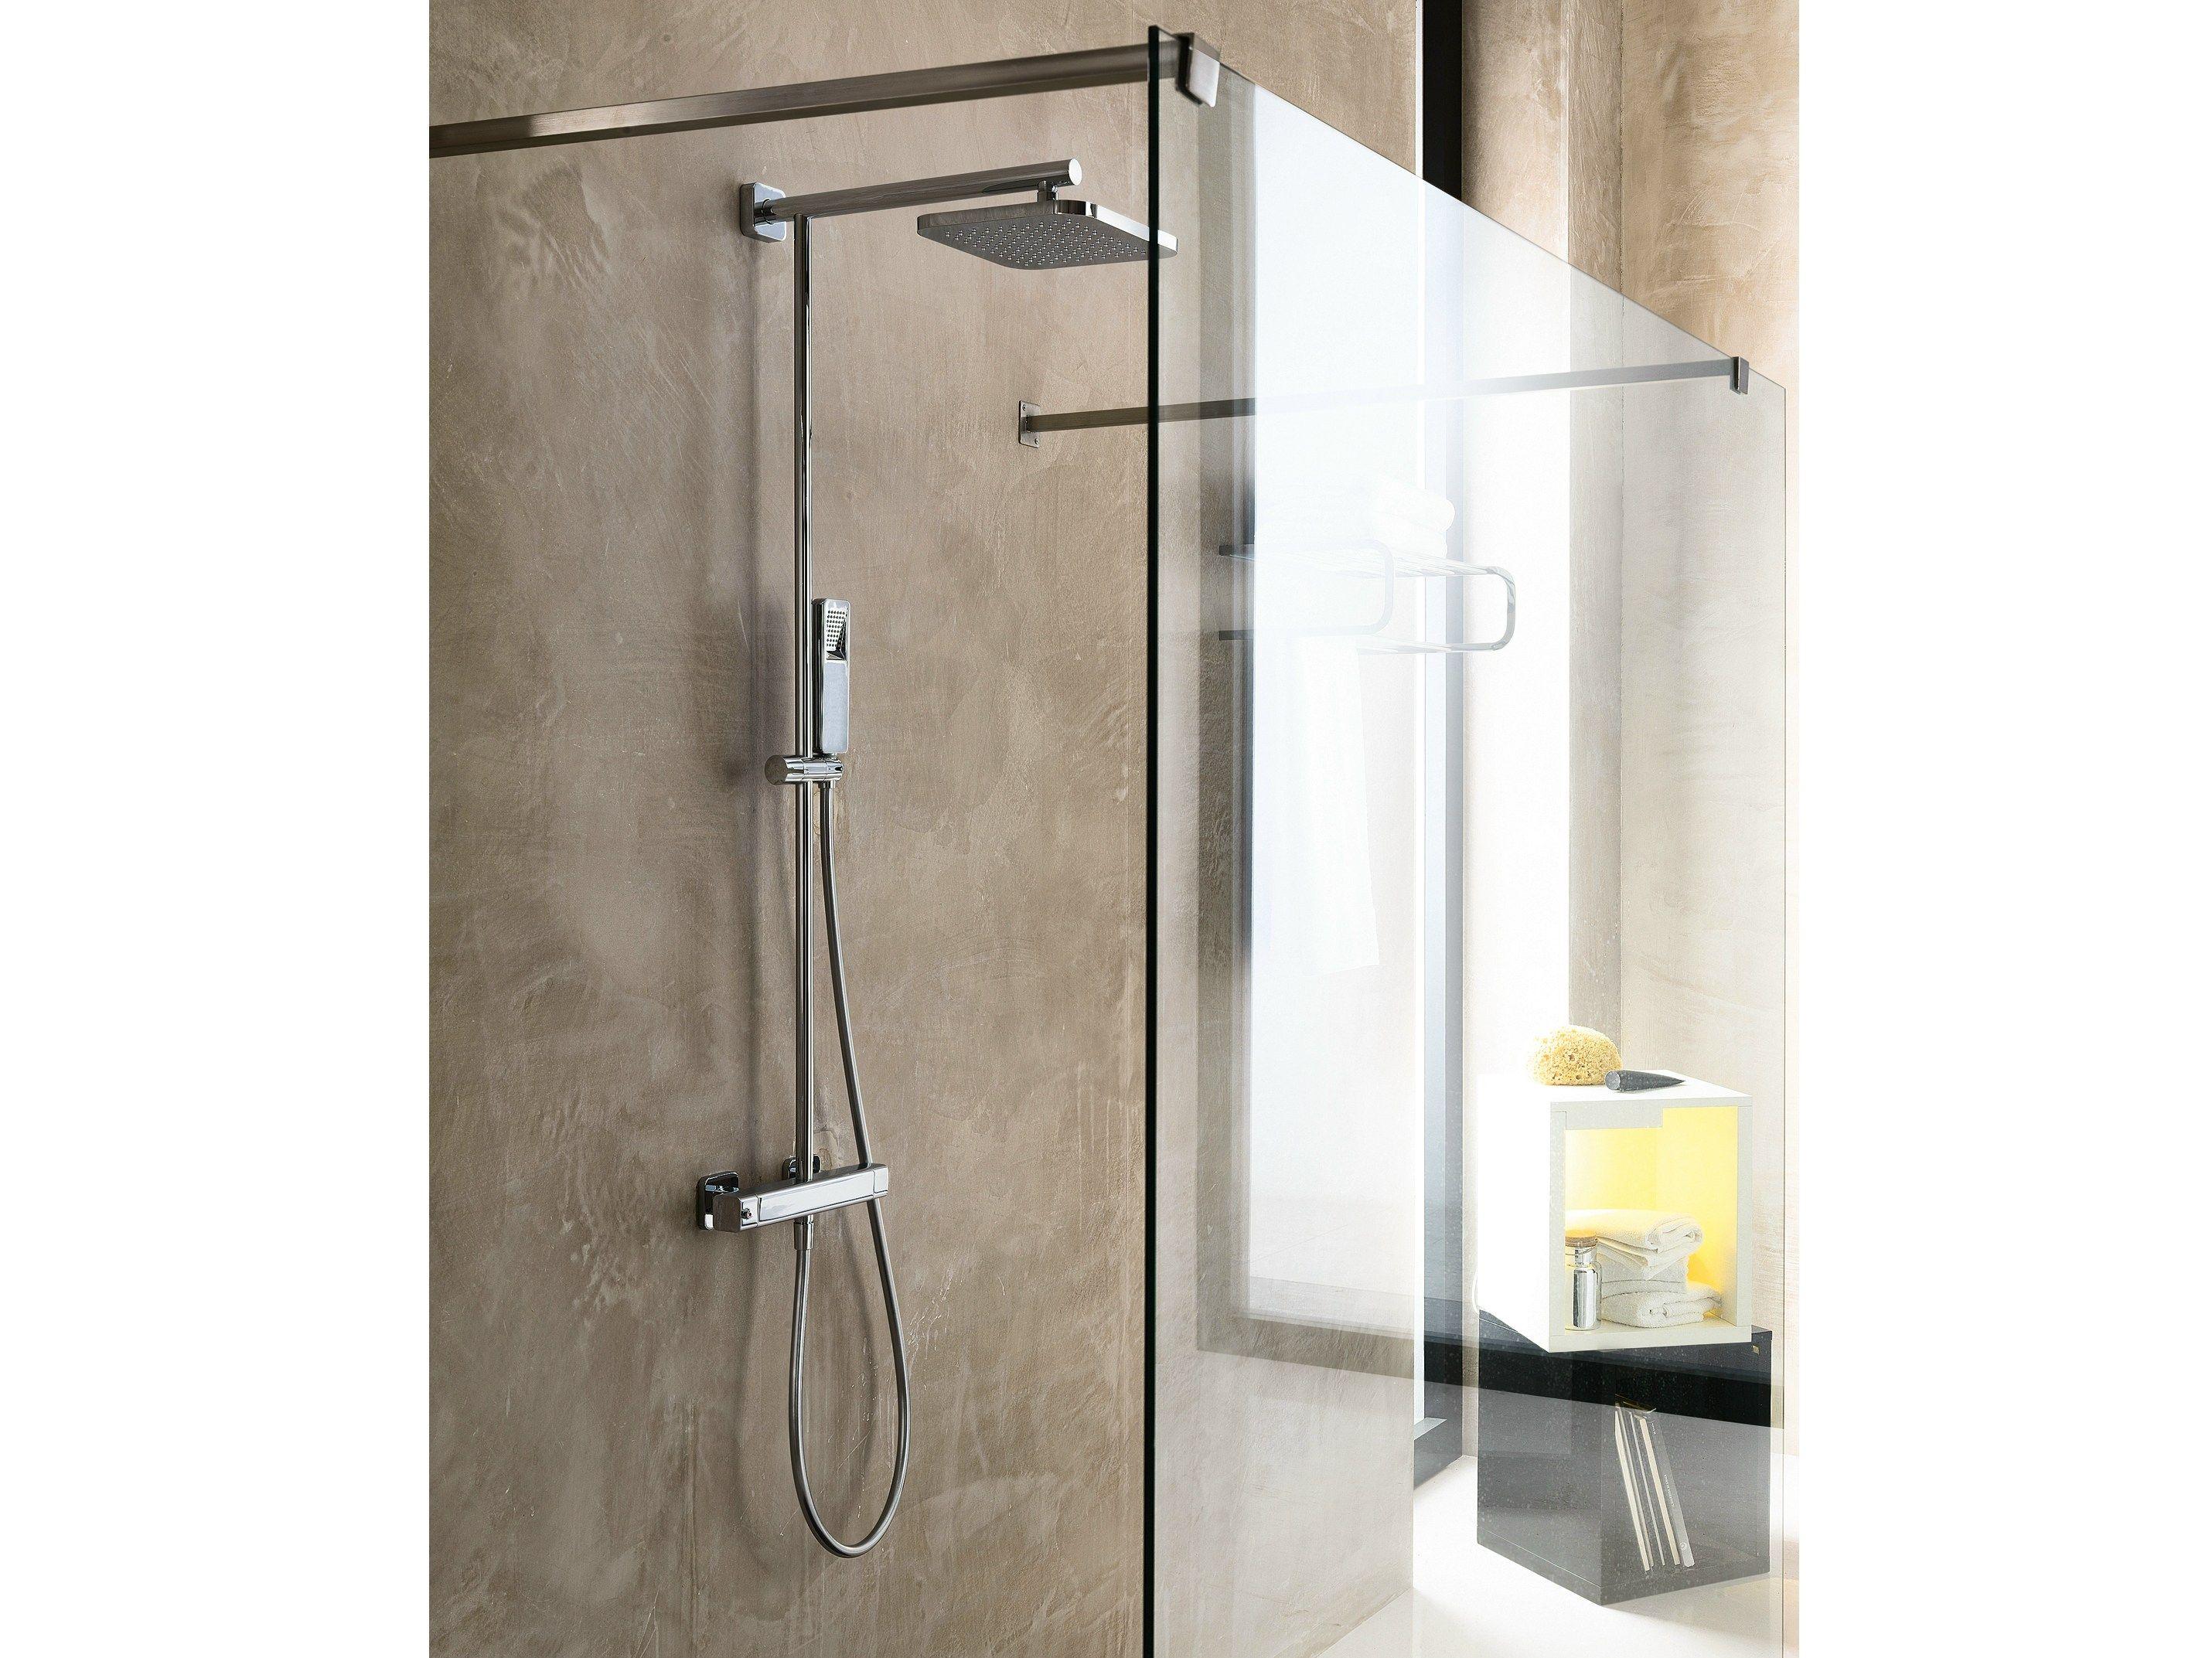 Colonna doccia a parete con doccetta con soffione loop - Soffione della doccia ...